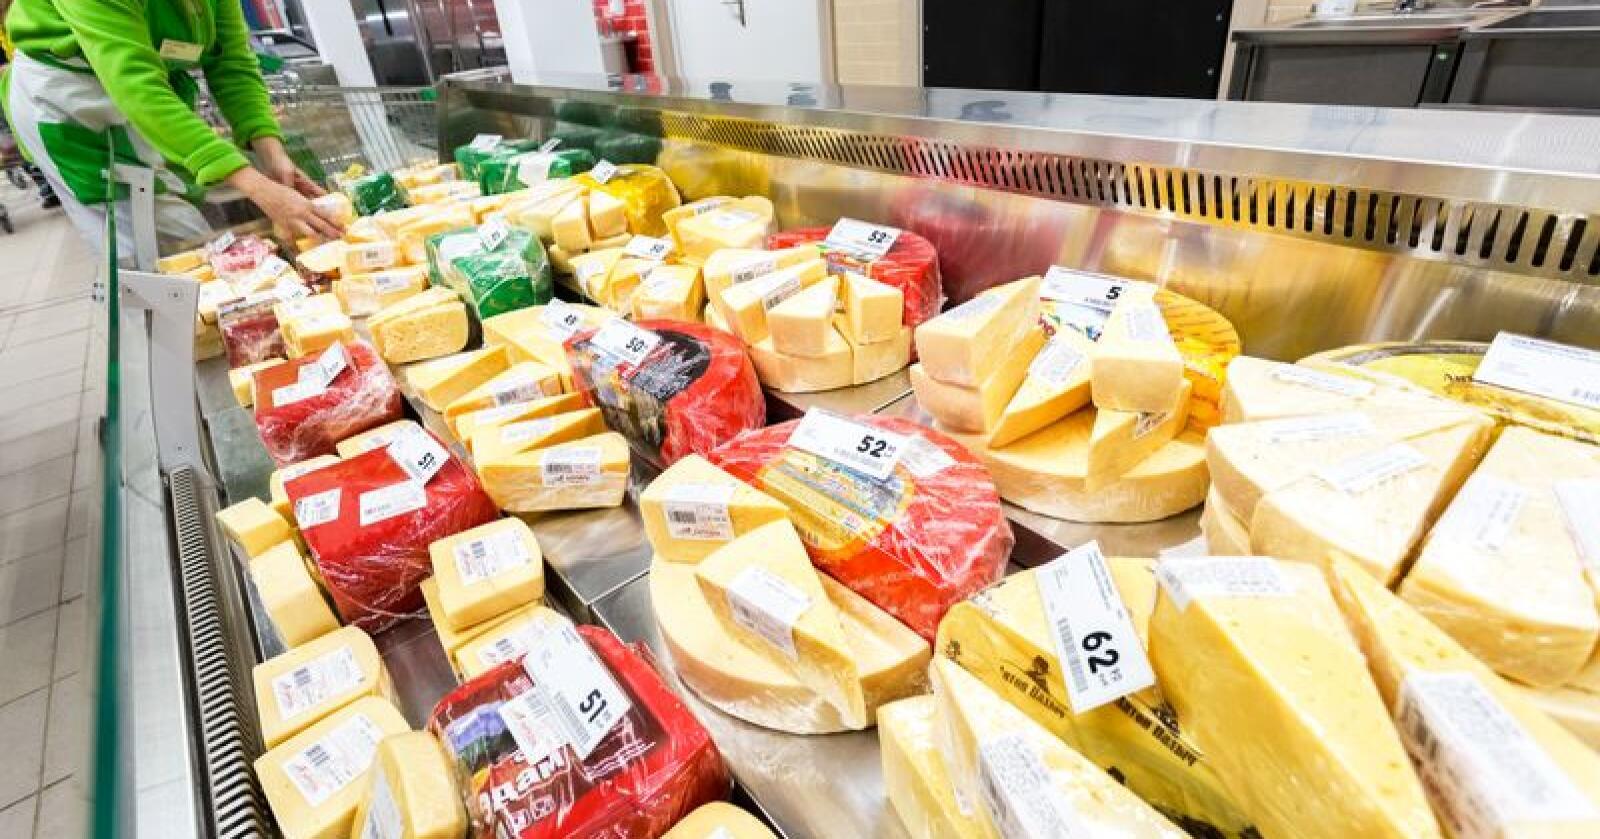 I 2012 raste debatten om ostetoll. Det året importerte Norge 9384tonn ost. I fjor importerte vi derimot 13983tonn ost. Økningen tilsvarer 46 millioner liter melk. (Foto: Alexander Blinov/Mostphotos)